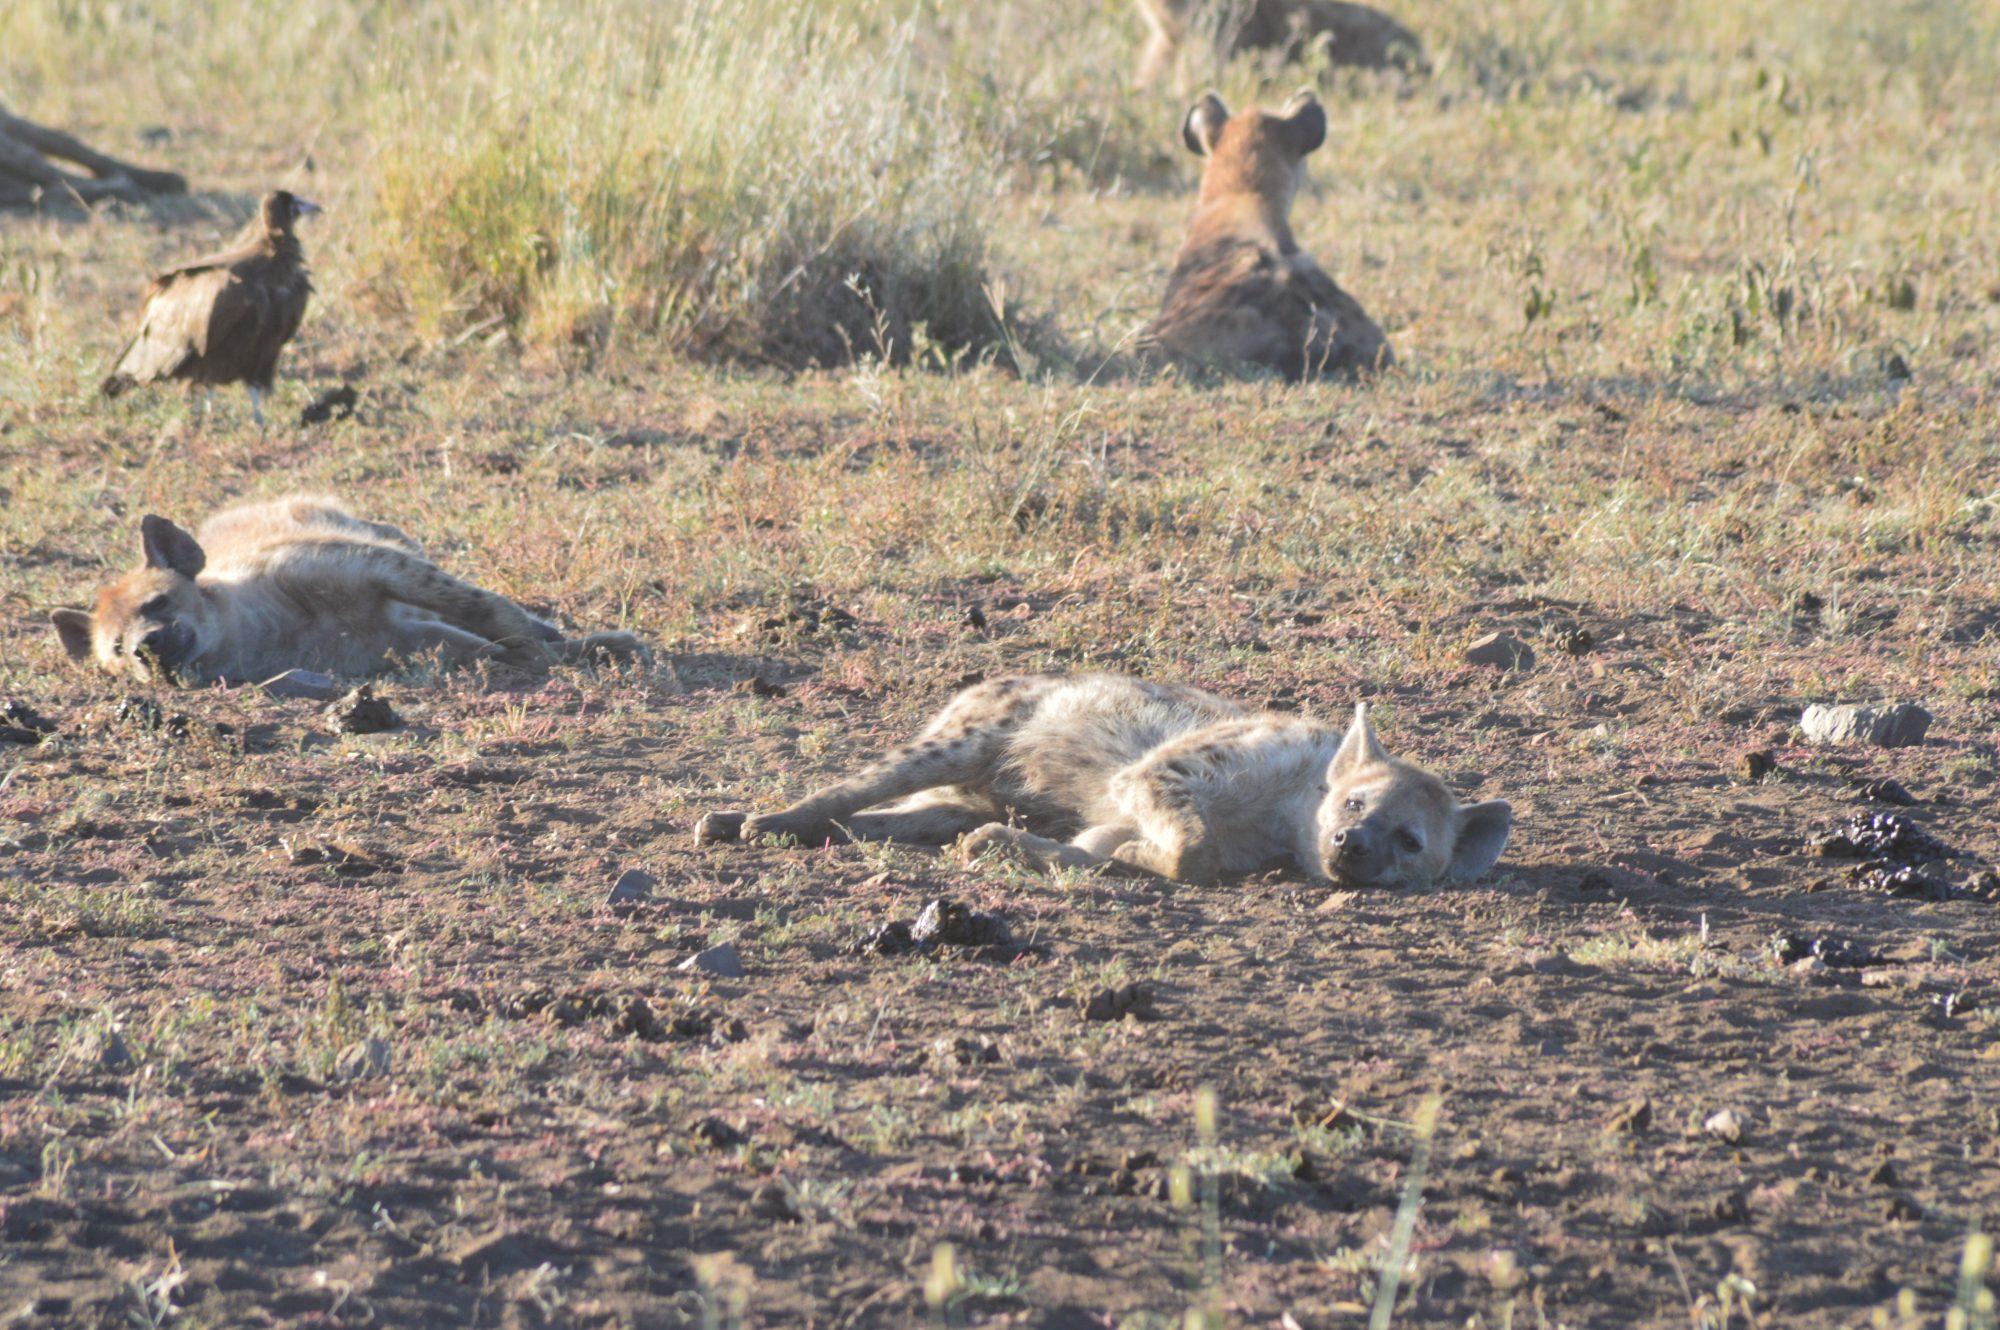 Full hyenas resting